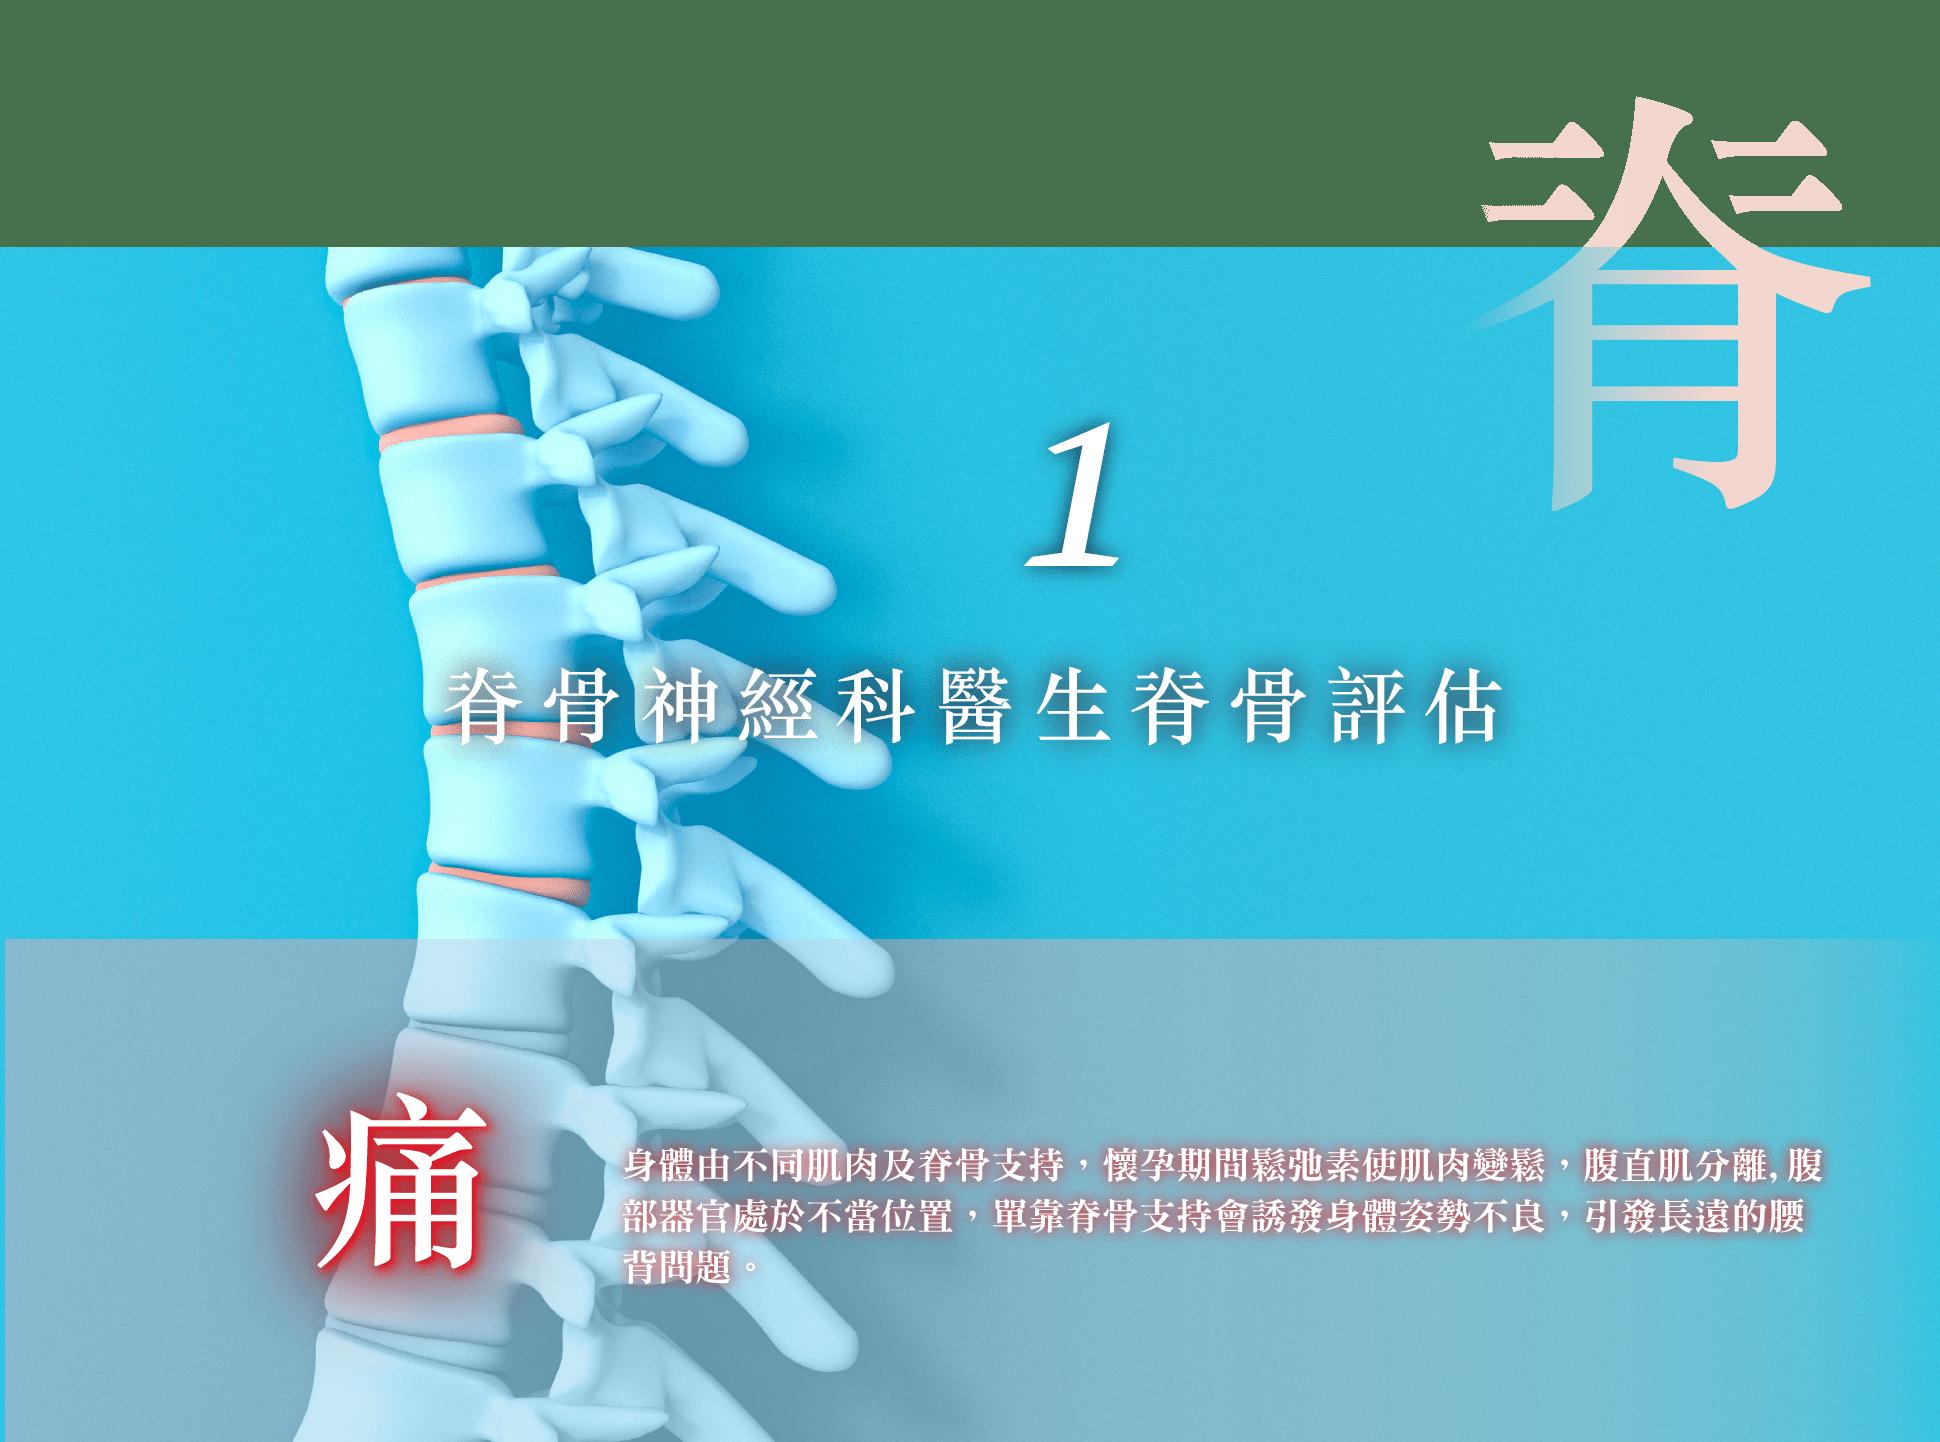 紮肚及產後修復療程優惠 鬆弛素 07 2